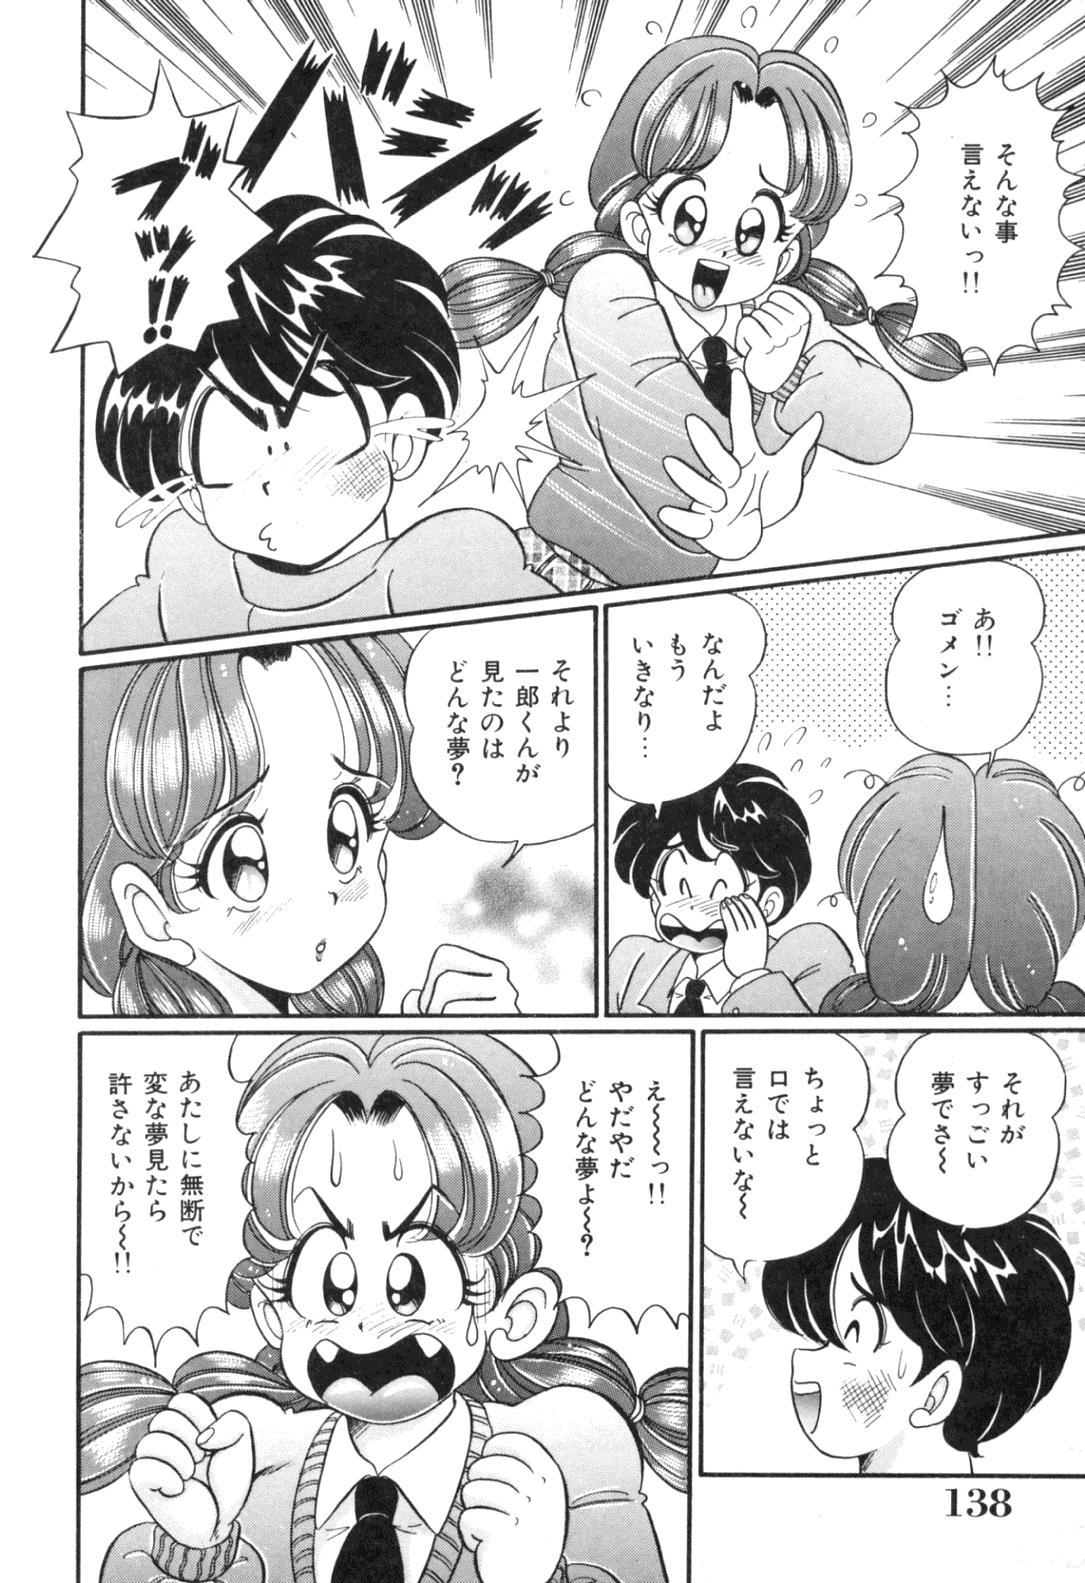 [Watanabe Wataru] Tonari no Onee-san - Sister of Neighborhood 138